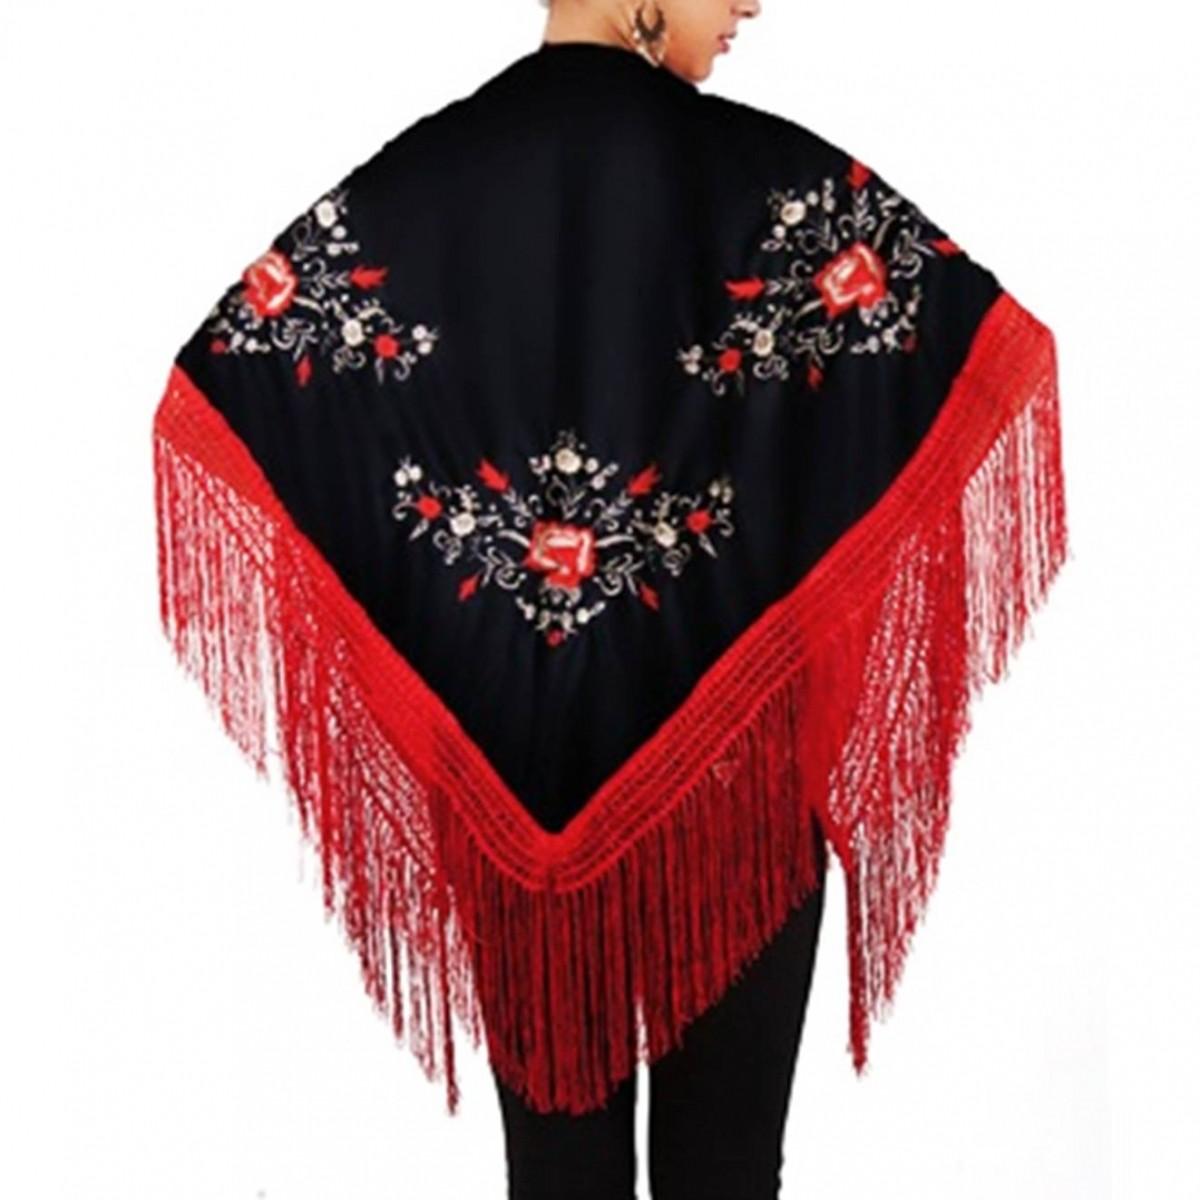 XALE ESPANHOL bordado 160x75 preto franjas vermelhas flamenco cigano